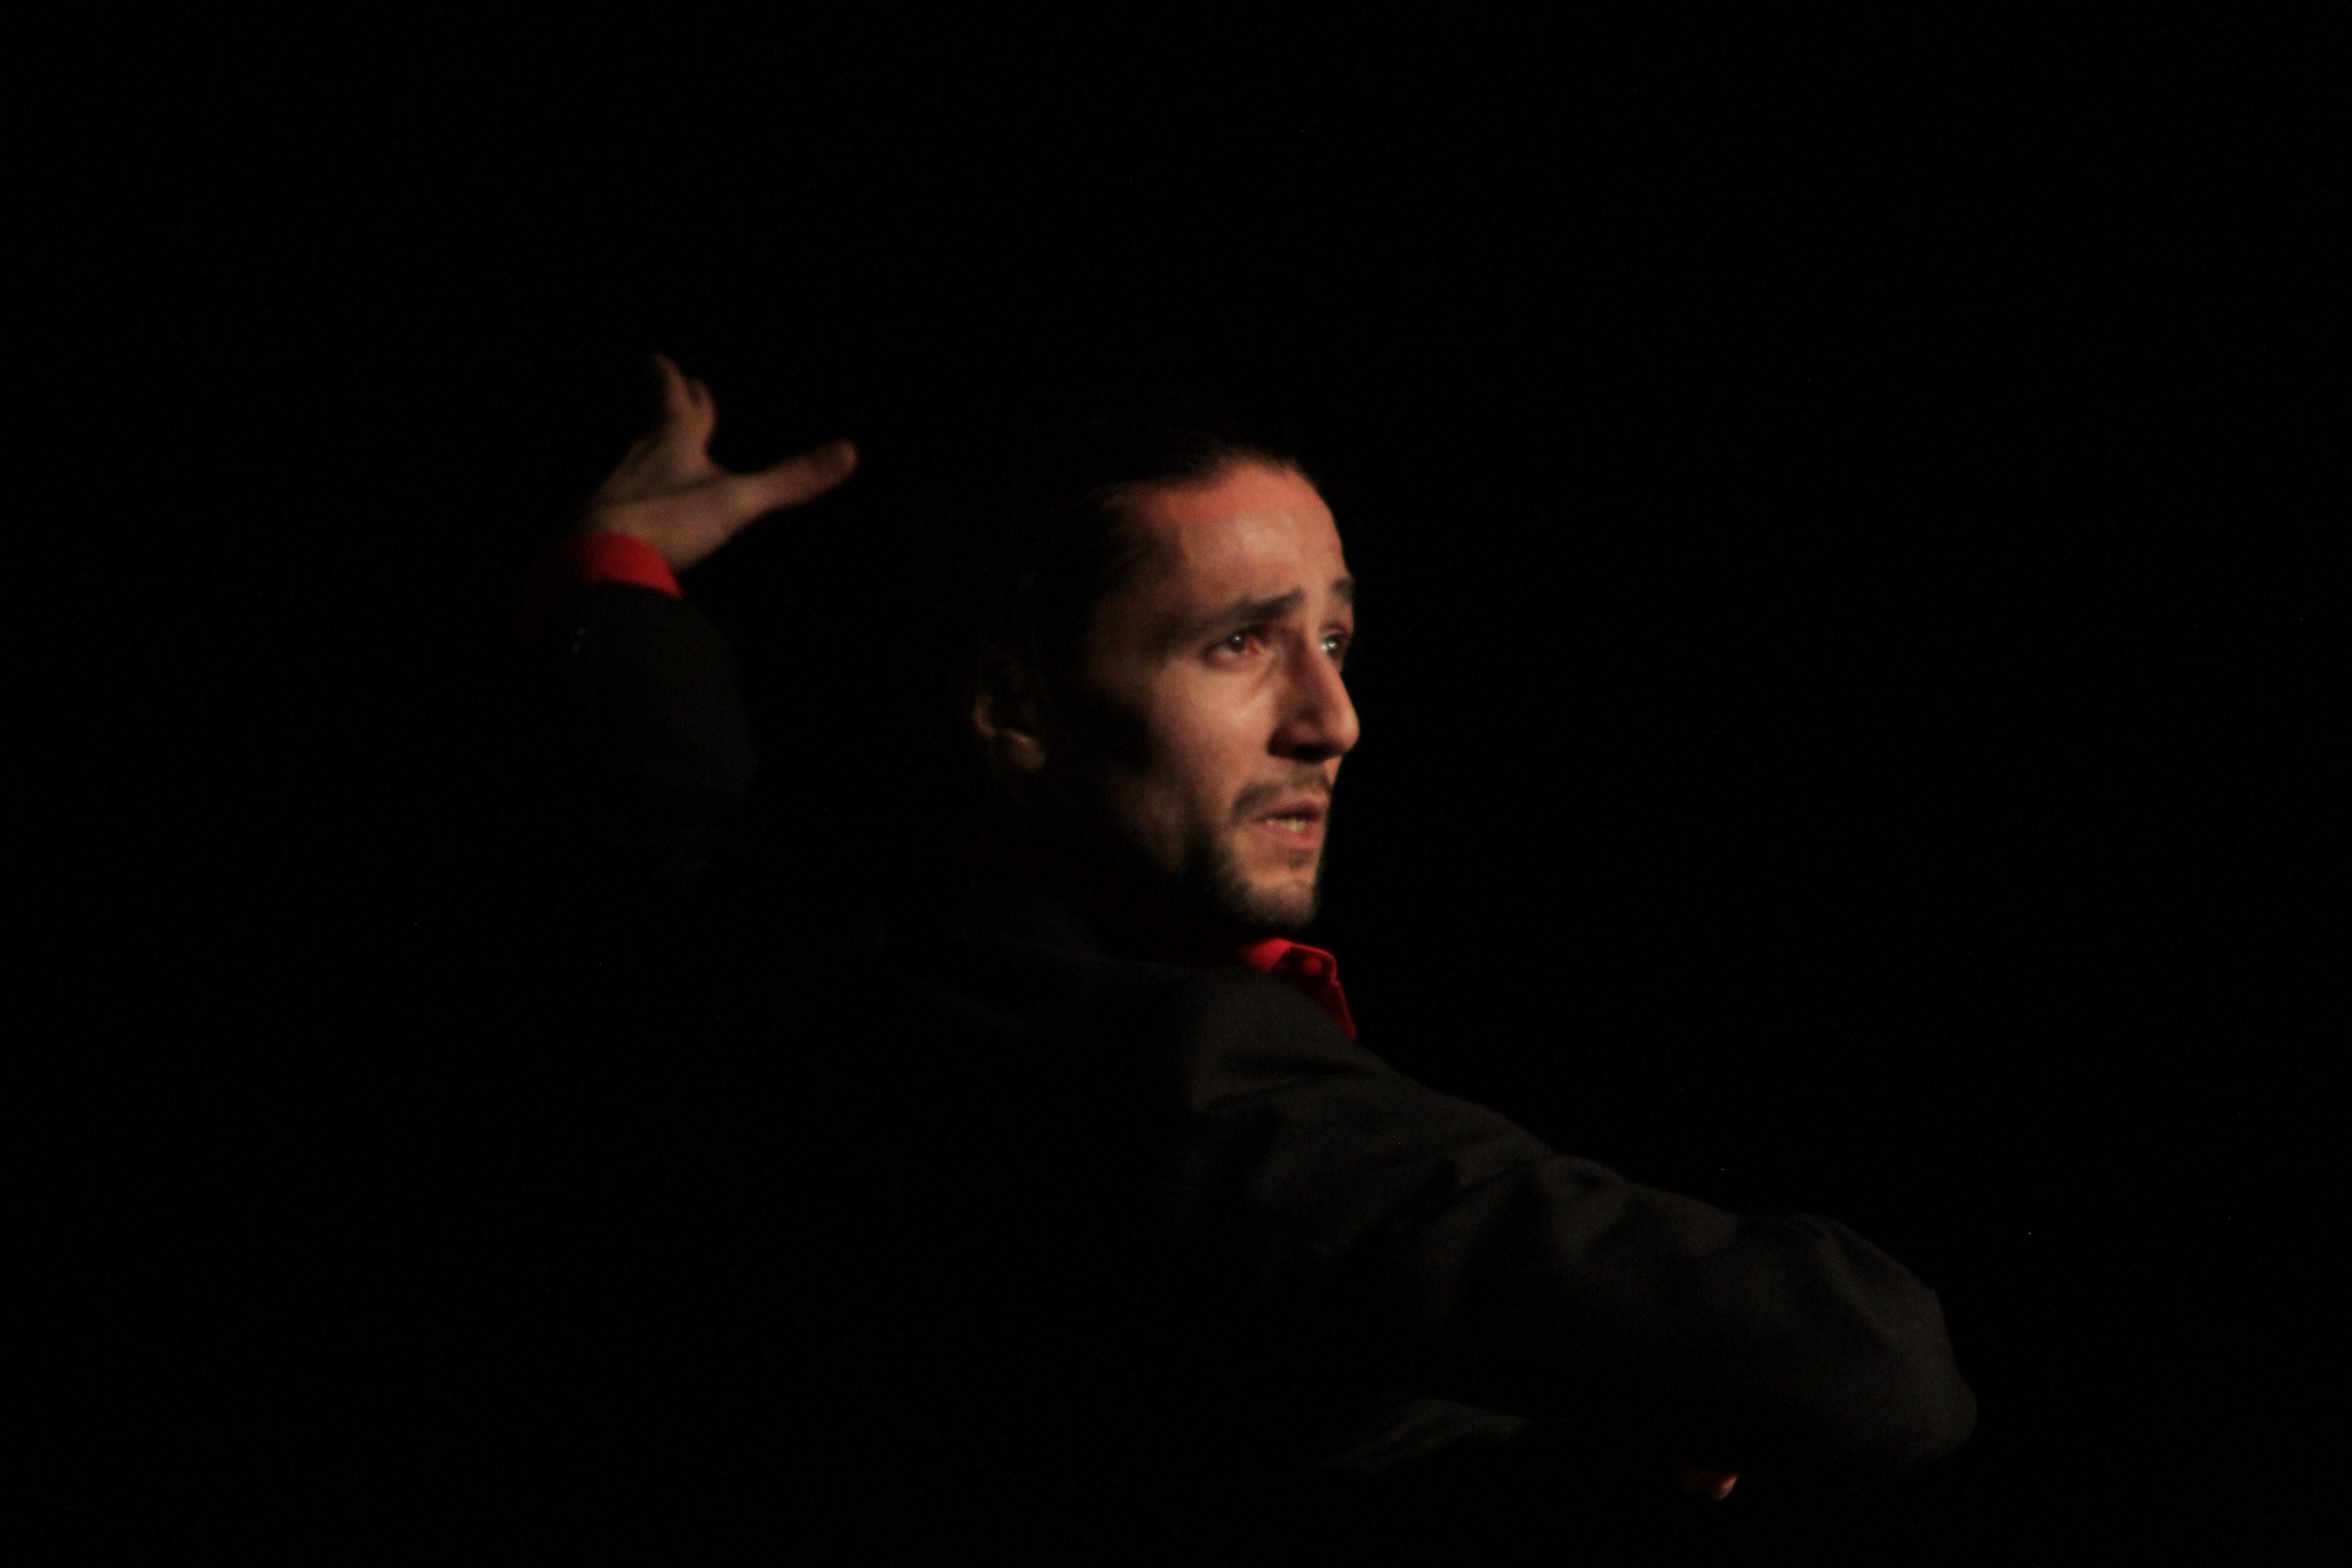 Alvaro Guarnido